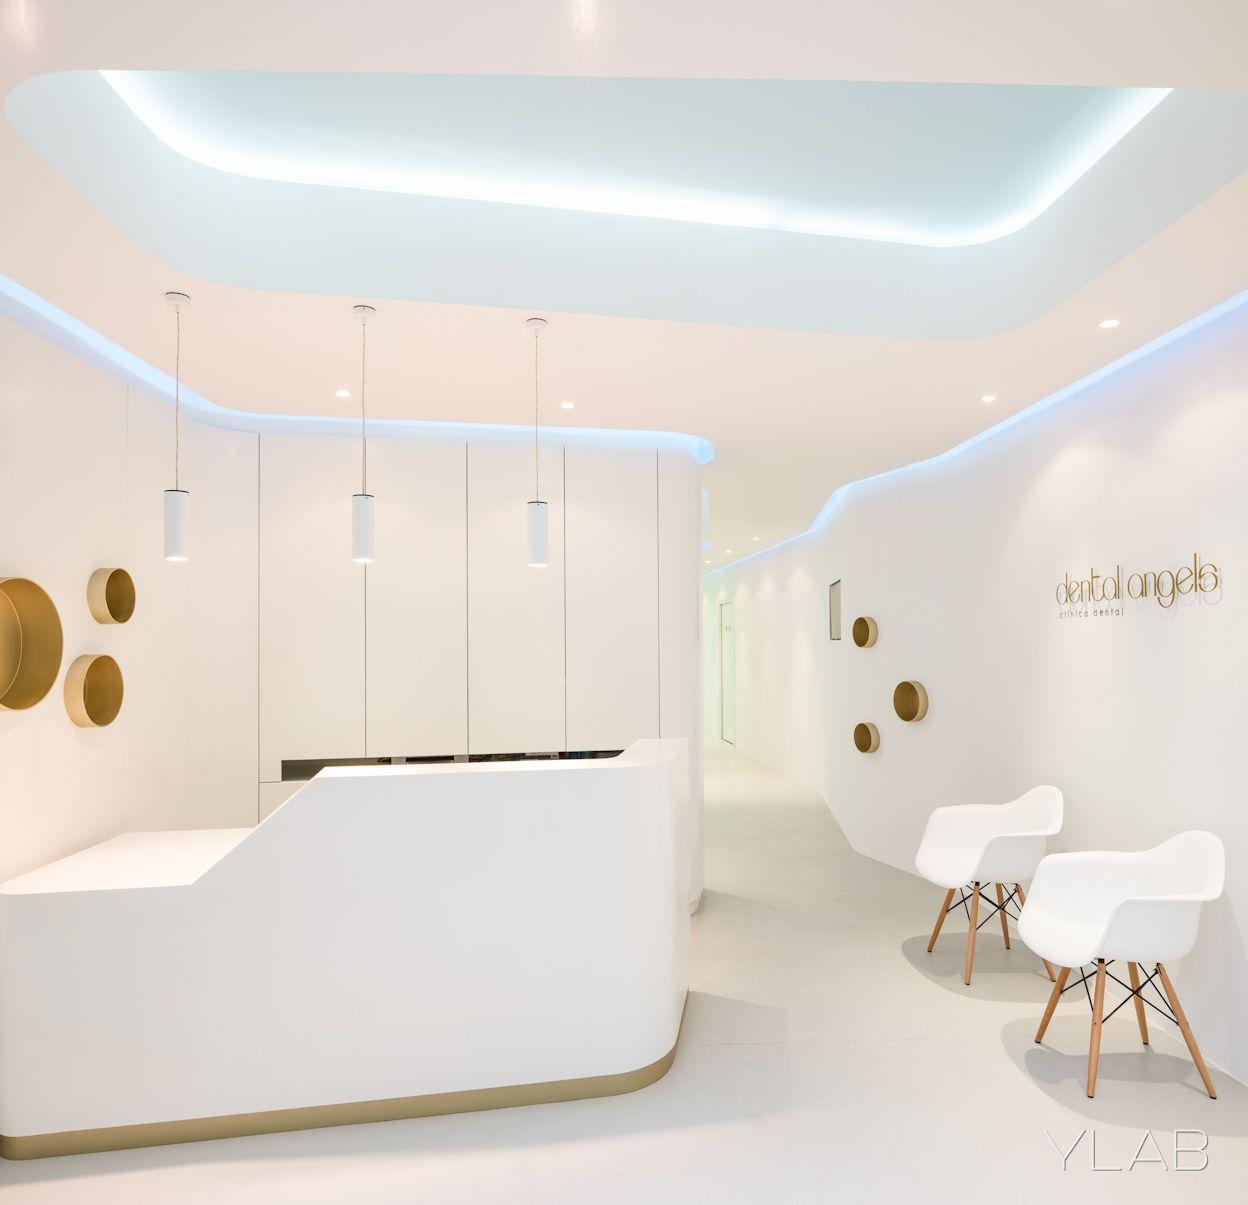 Decoraci n de interiores integrando la imagen de marca por - Decoracion interiores barcelona ...